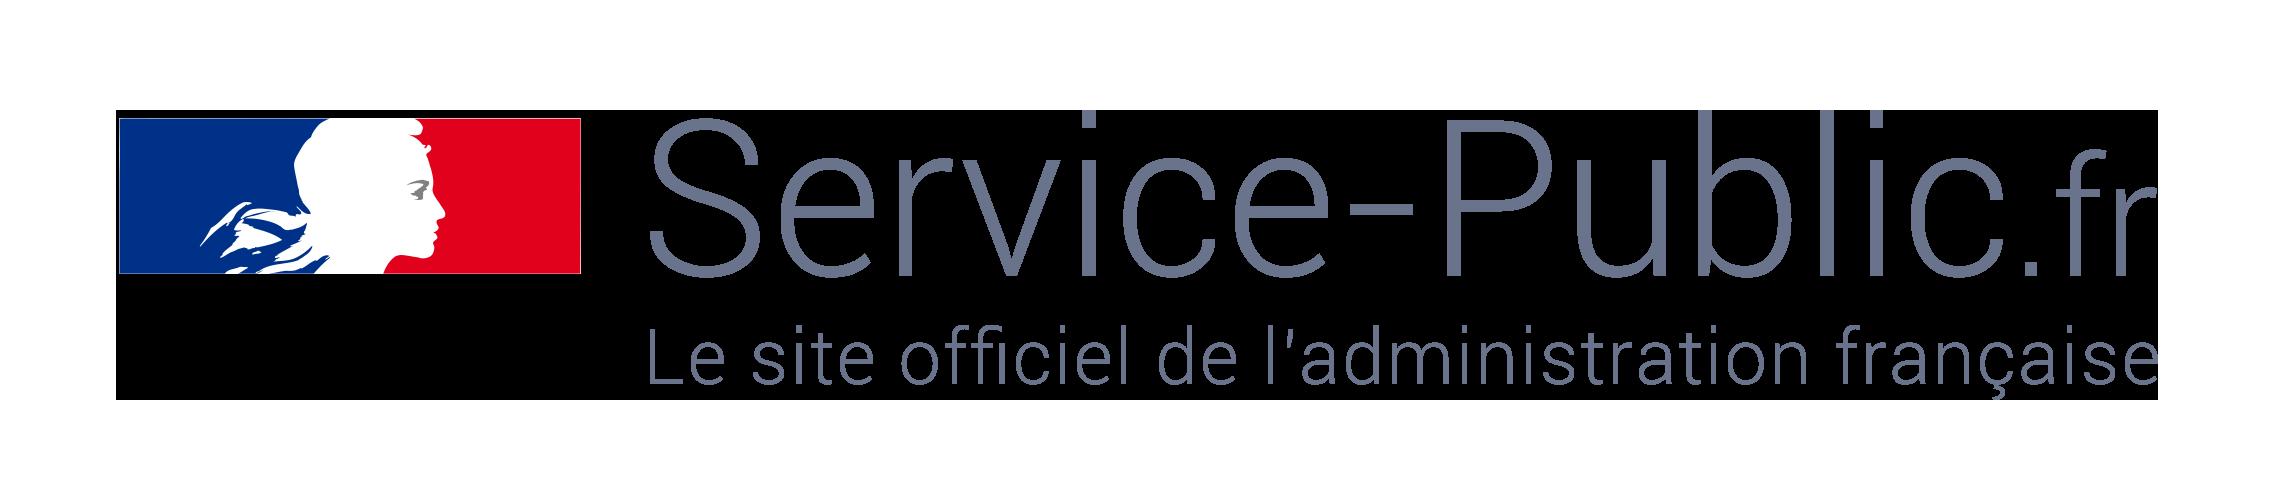 Démarches - Logo service public